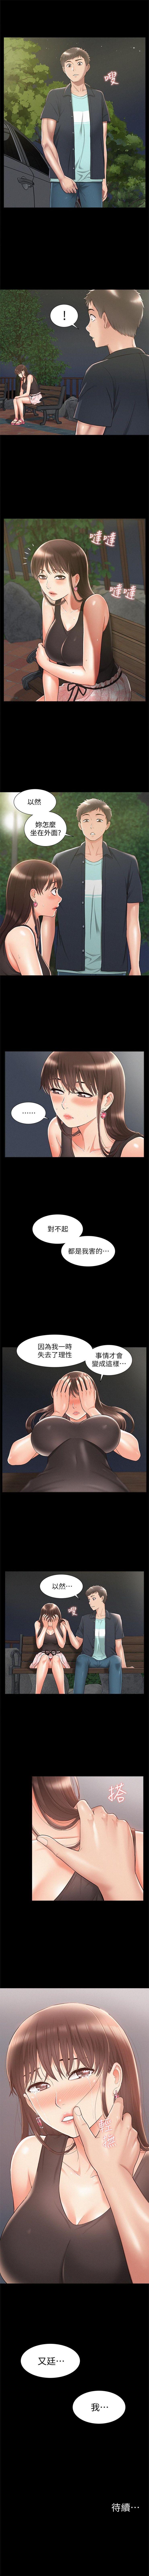 (周4)难言之隐 1-20 中文翻译(更新中) 110